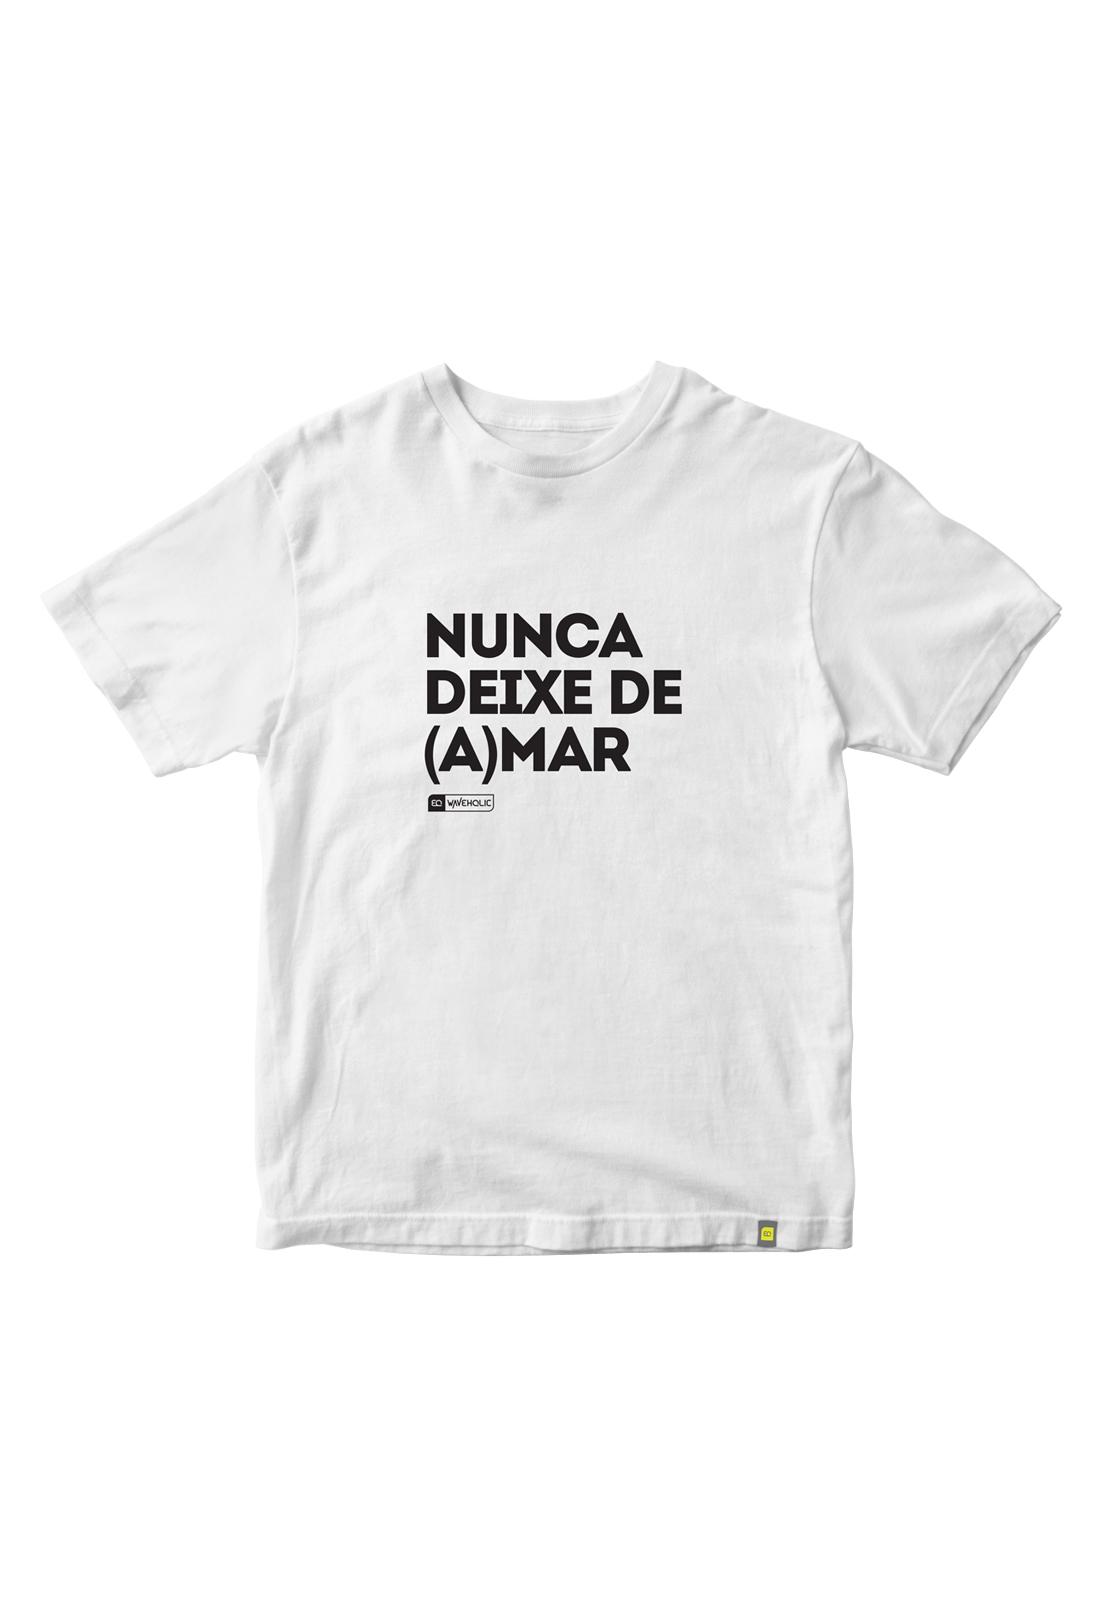 Camiseta com frase nunca deixe de amar preta ou branca